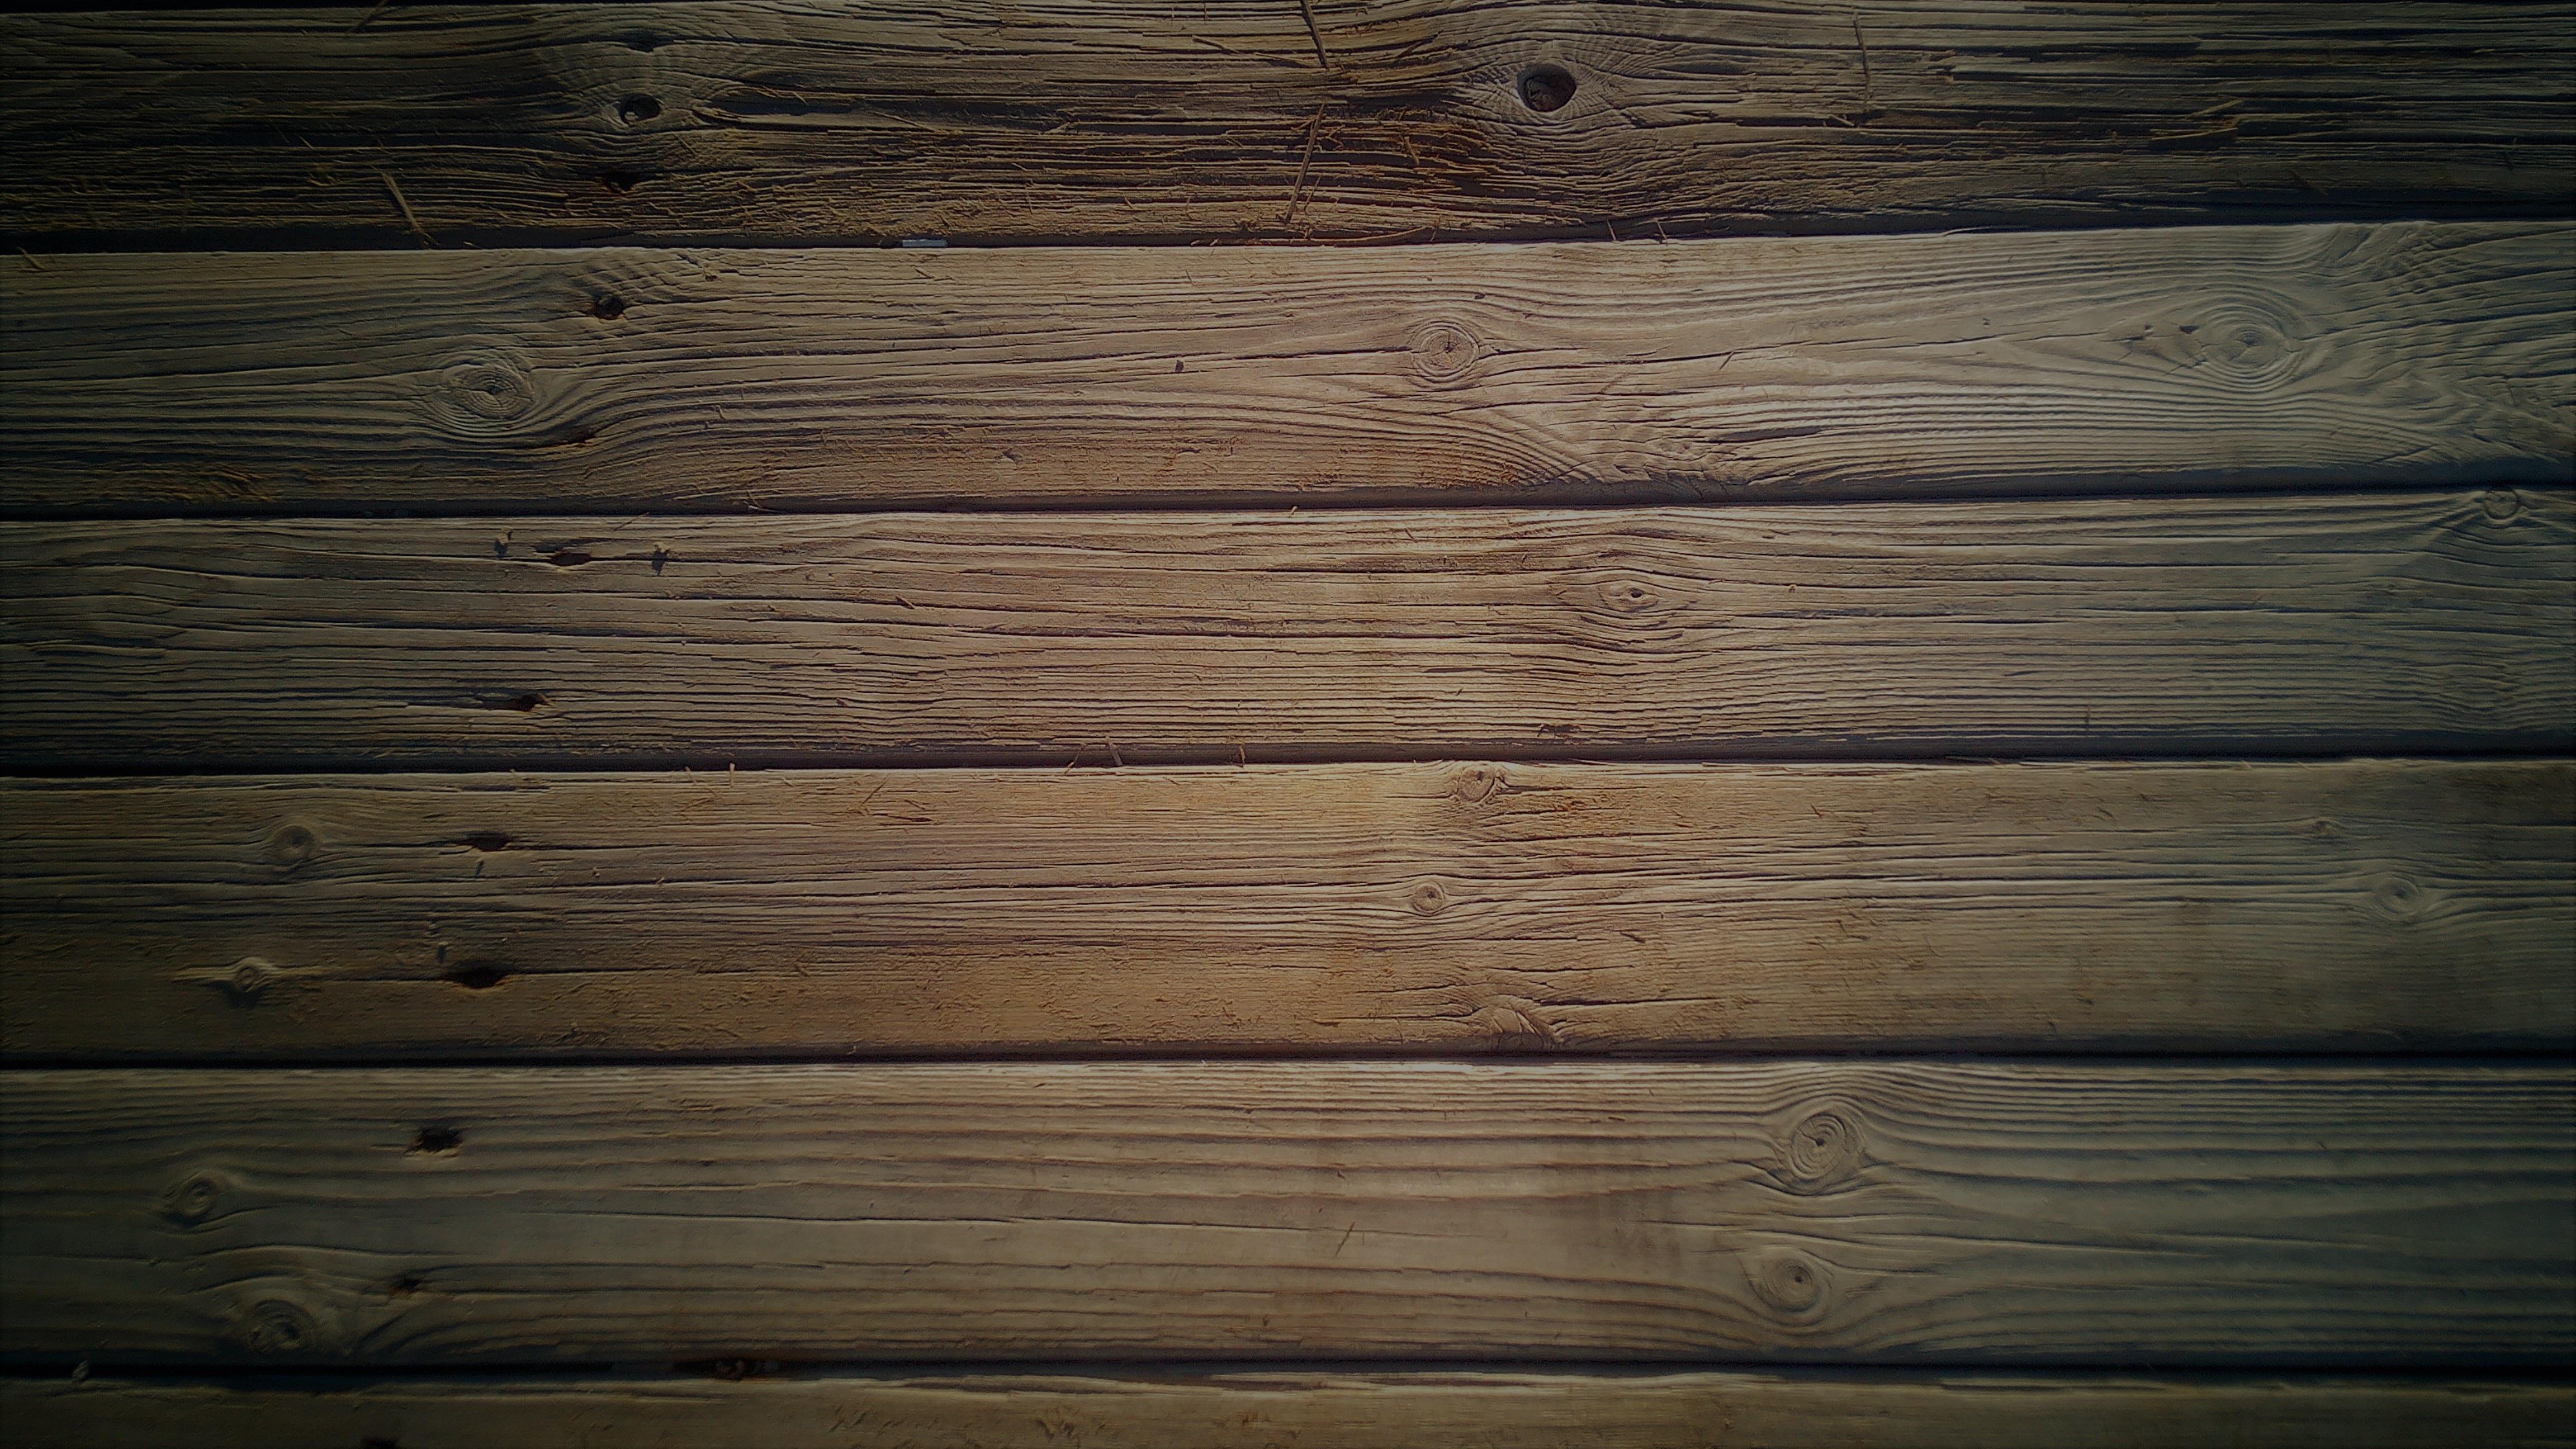 Gambar Tekstur Papan Lantai Dinding Garis Latar